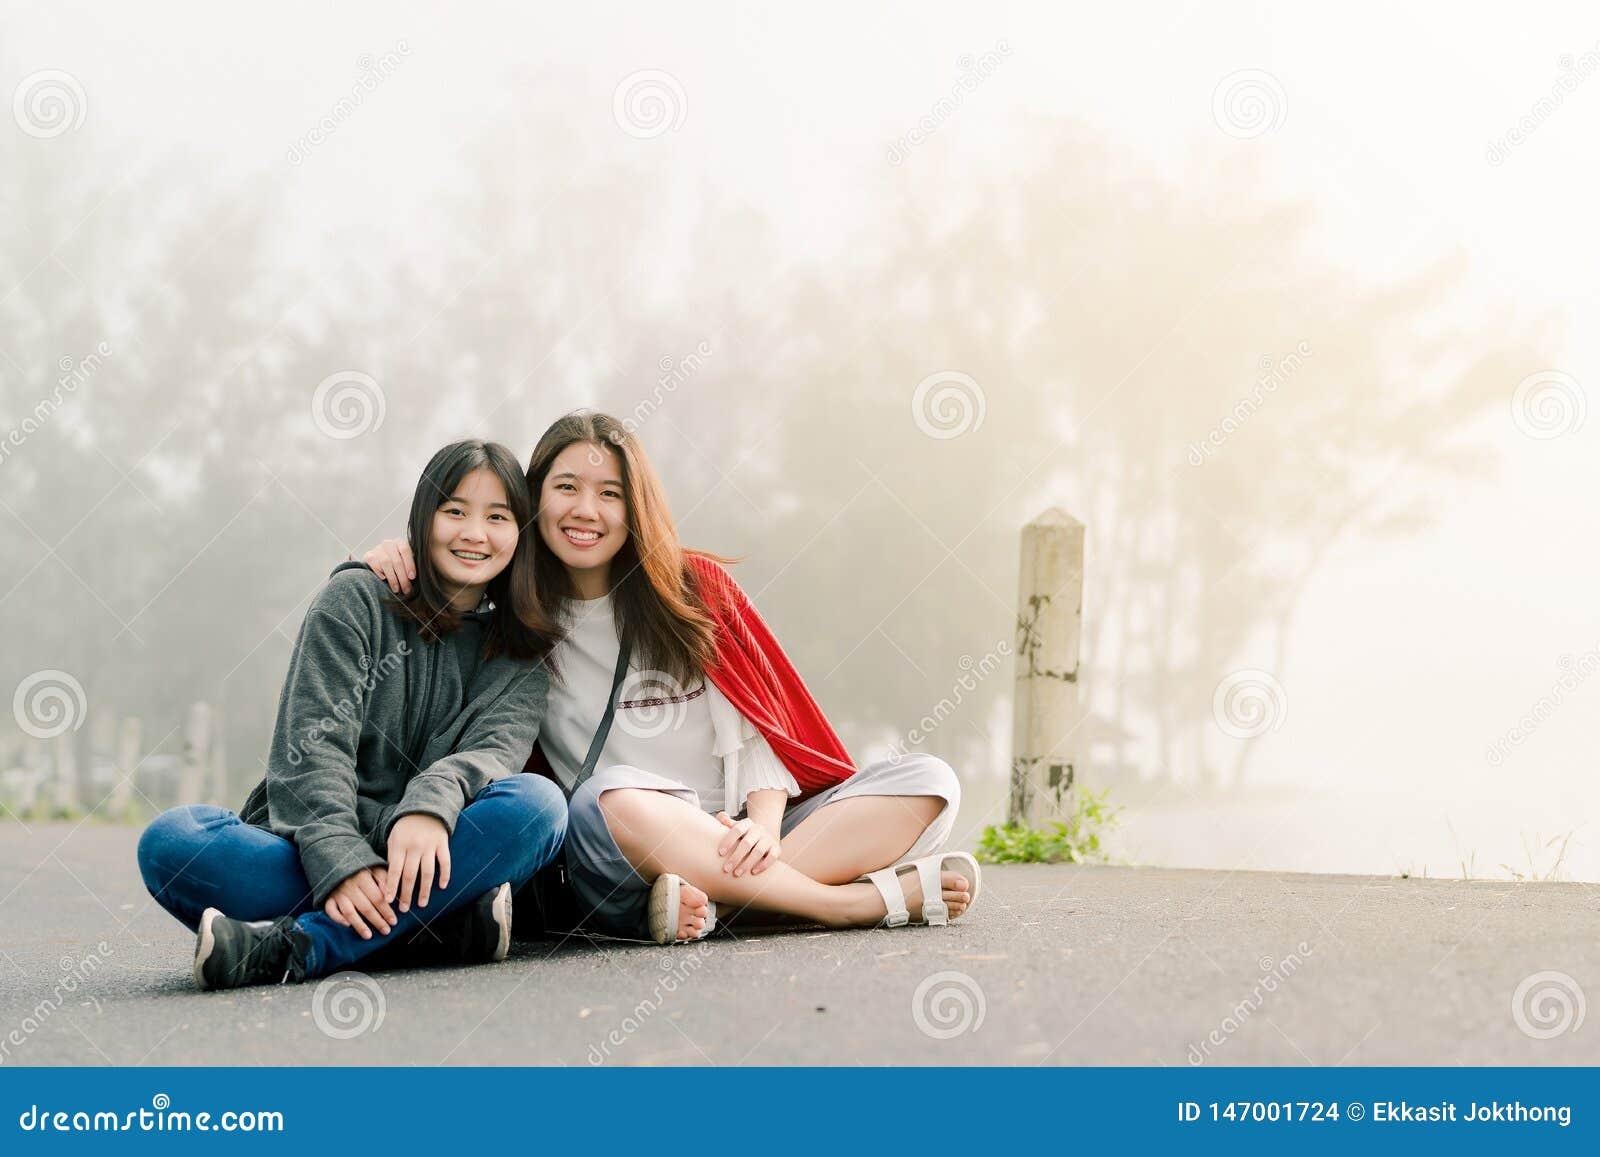 穿在旅游景点的两亚裔女孩亲密朋友一件毛线衣沿在水库旁边的路在大雾